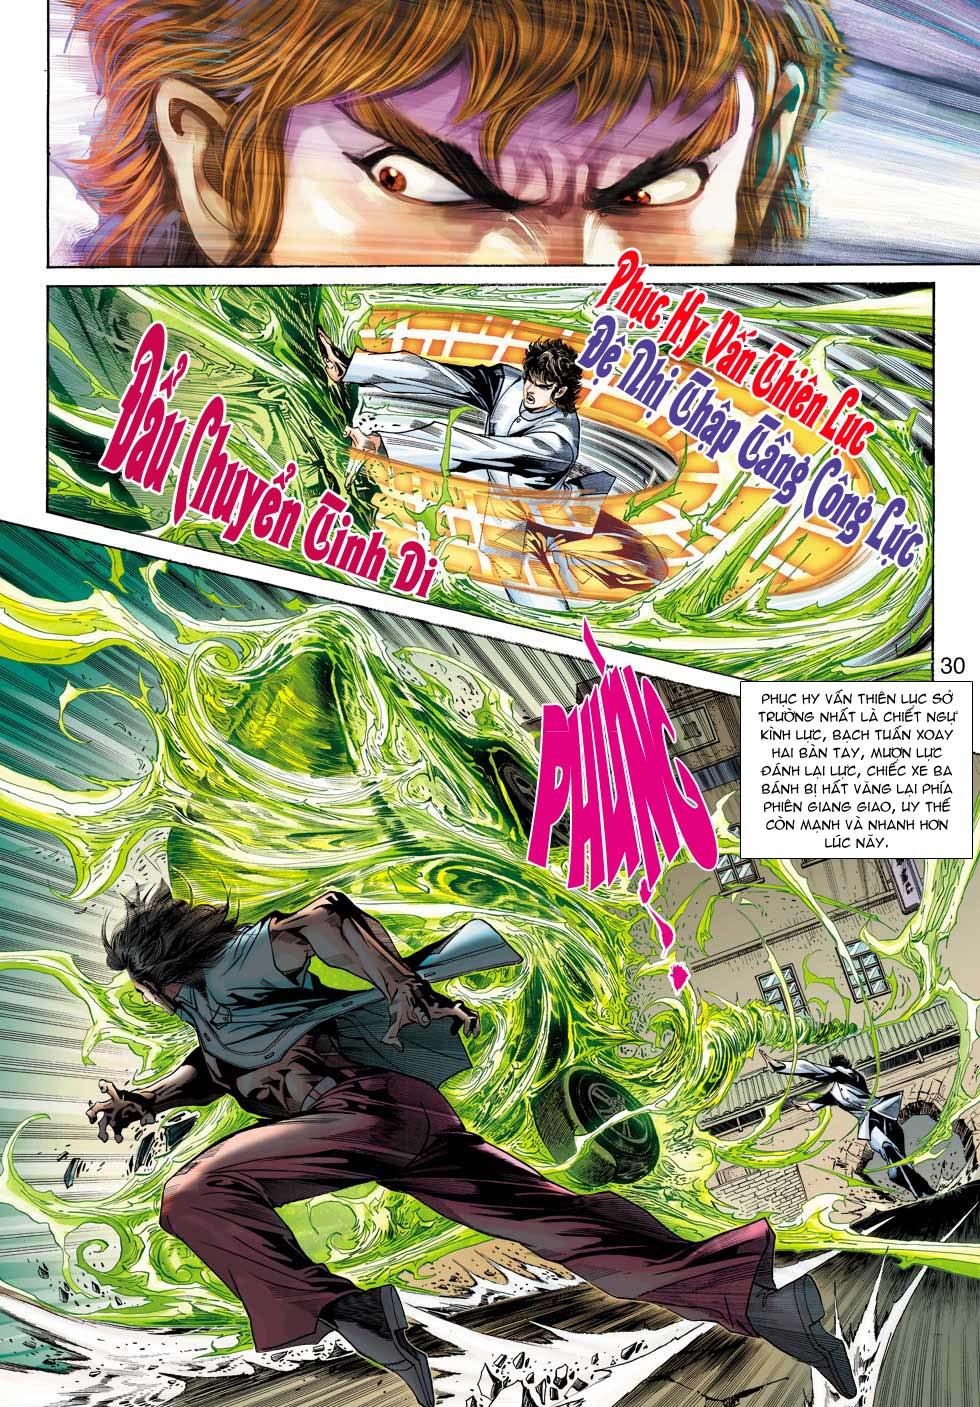 Tân Tác Long Hổ Môn chap 343 - Trang 30